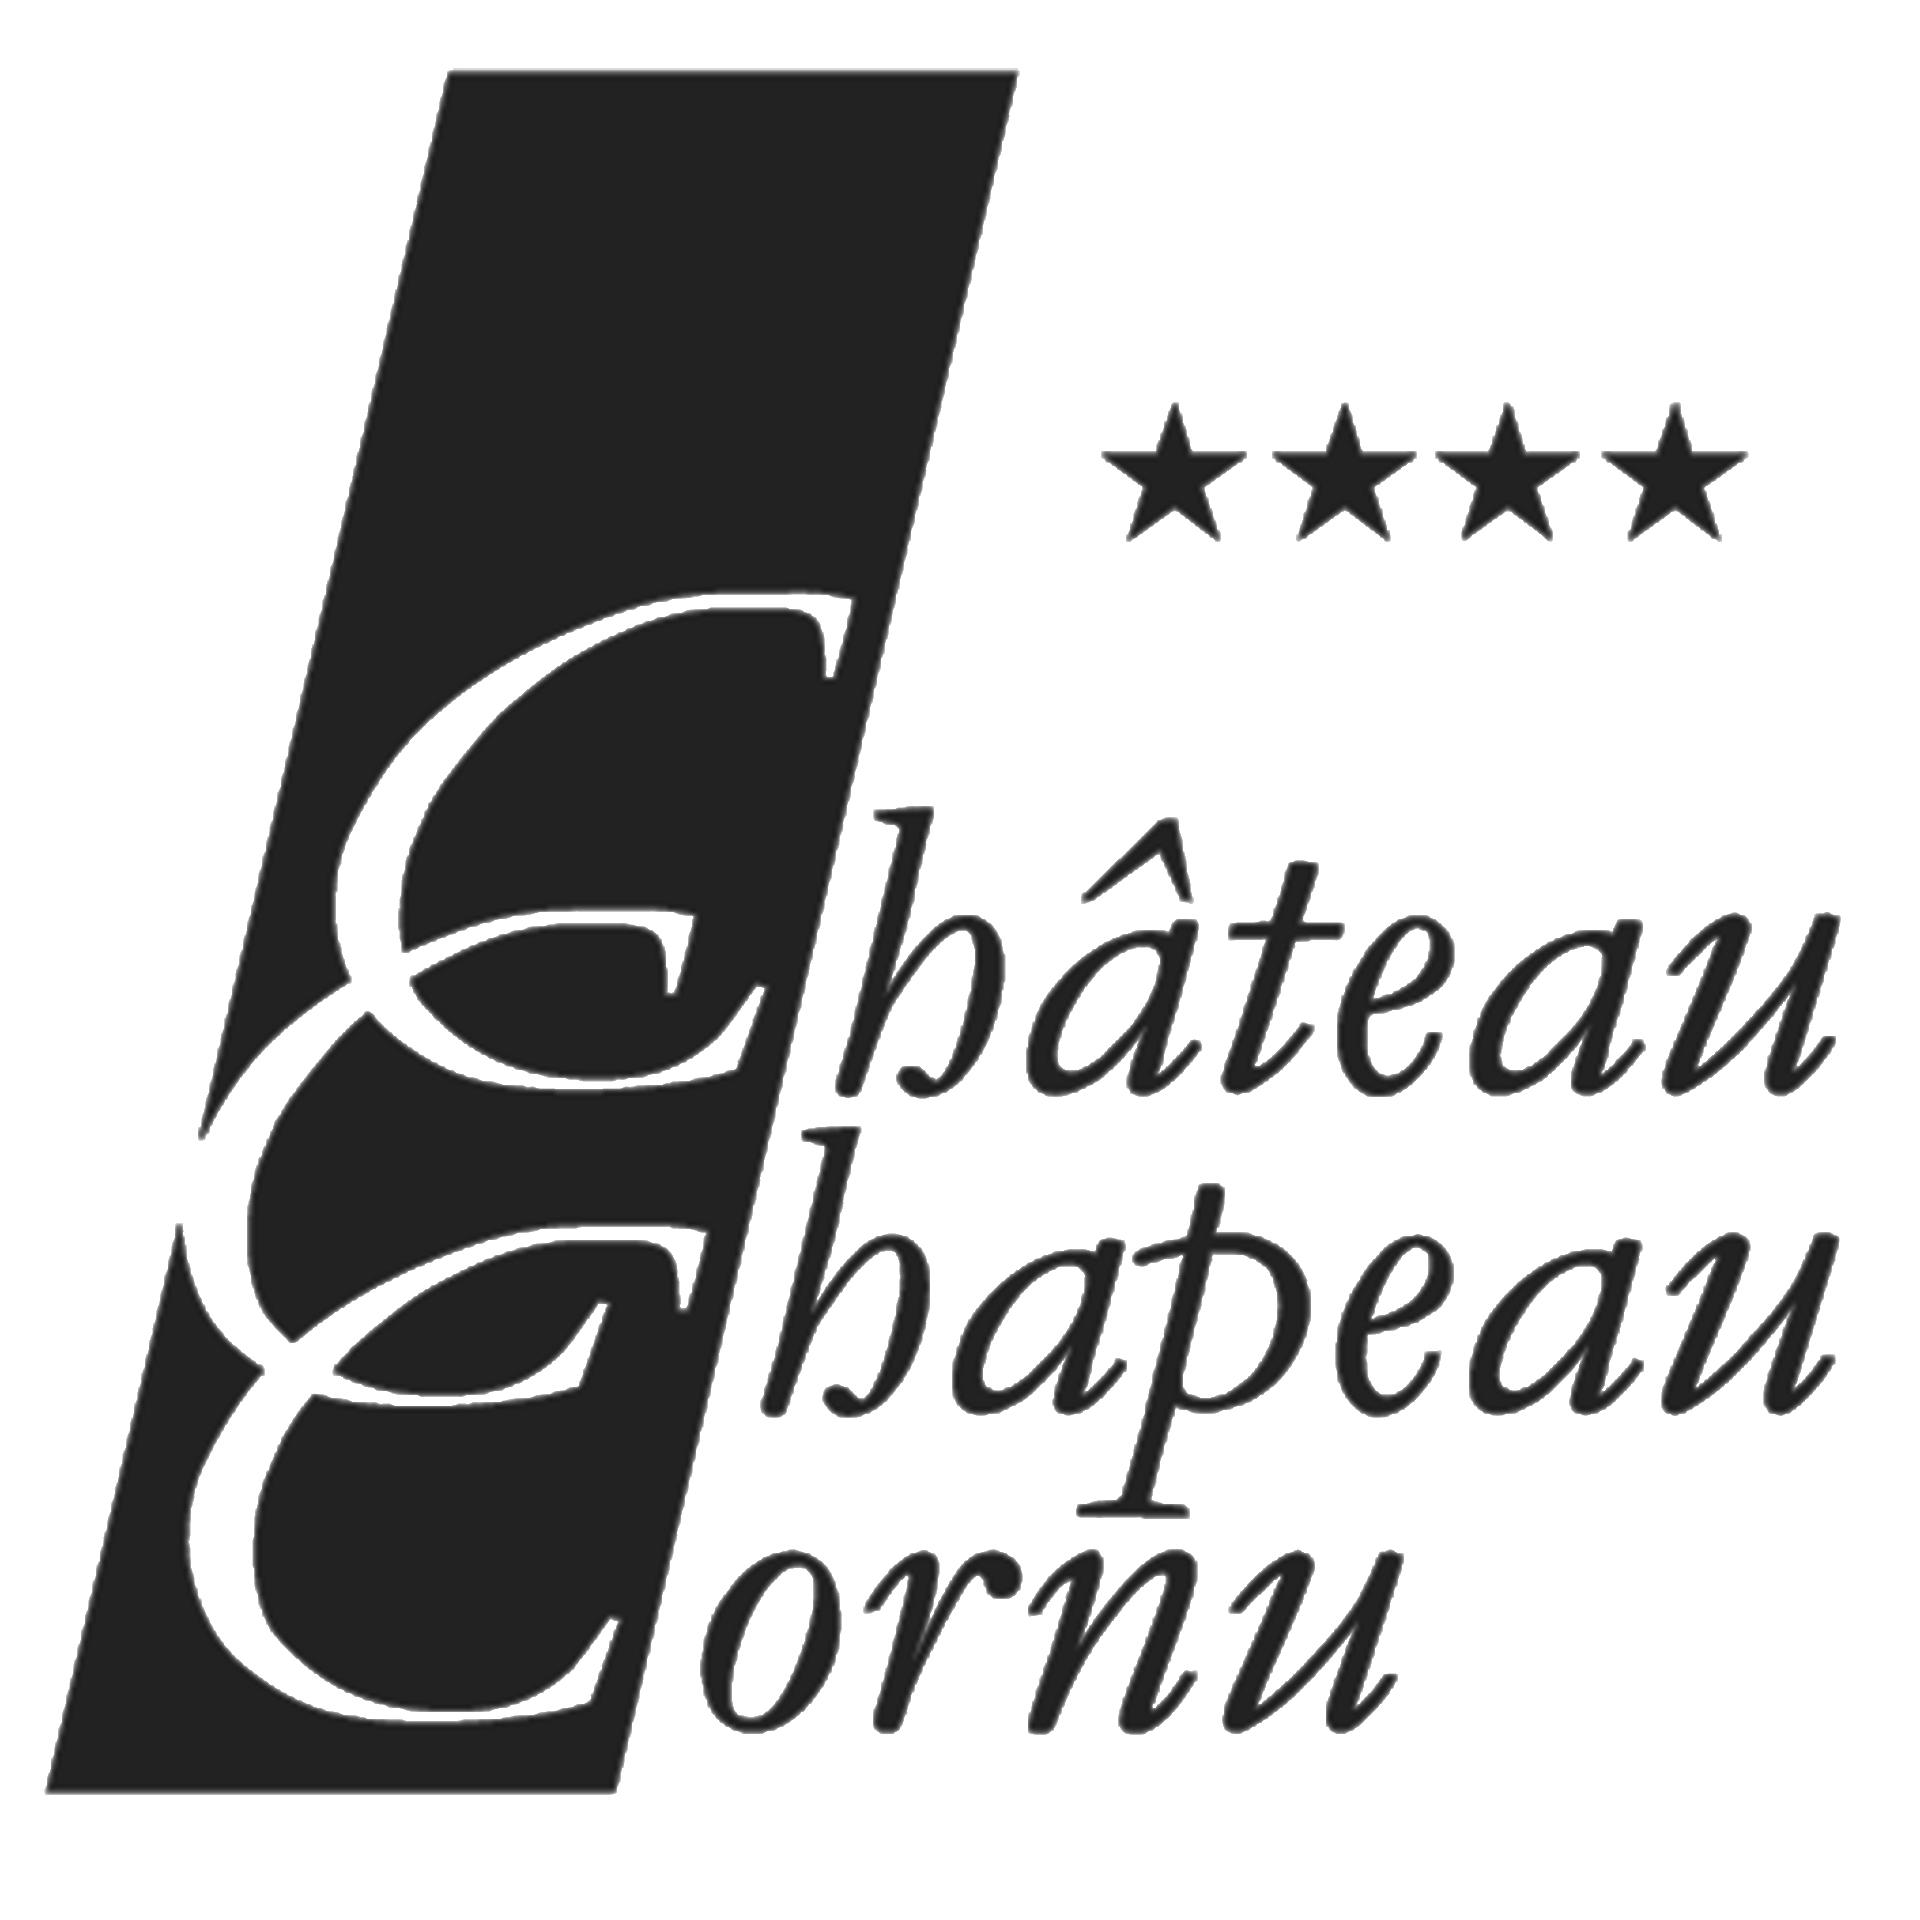 Mariage au Château Chapeau Cornu à Vignieu près de Lyon et Grenoble avec Leon Monte Le Son